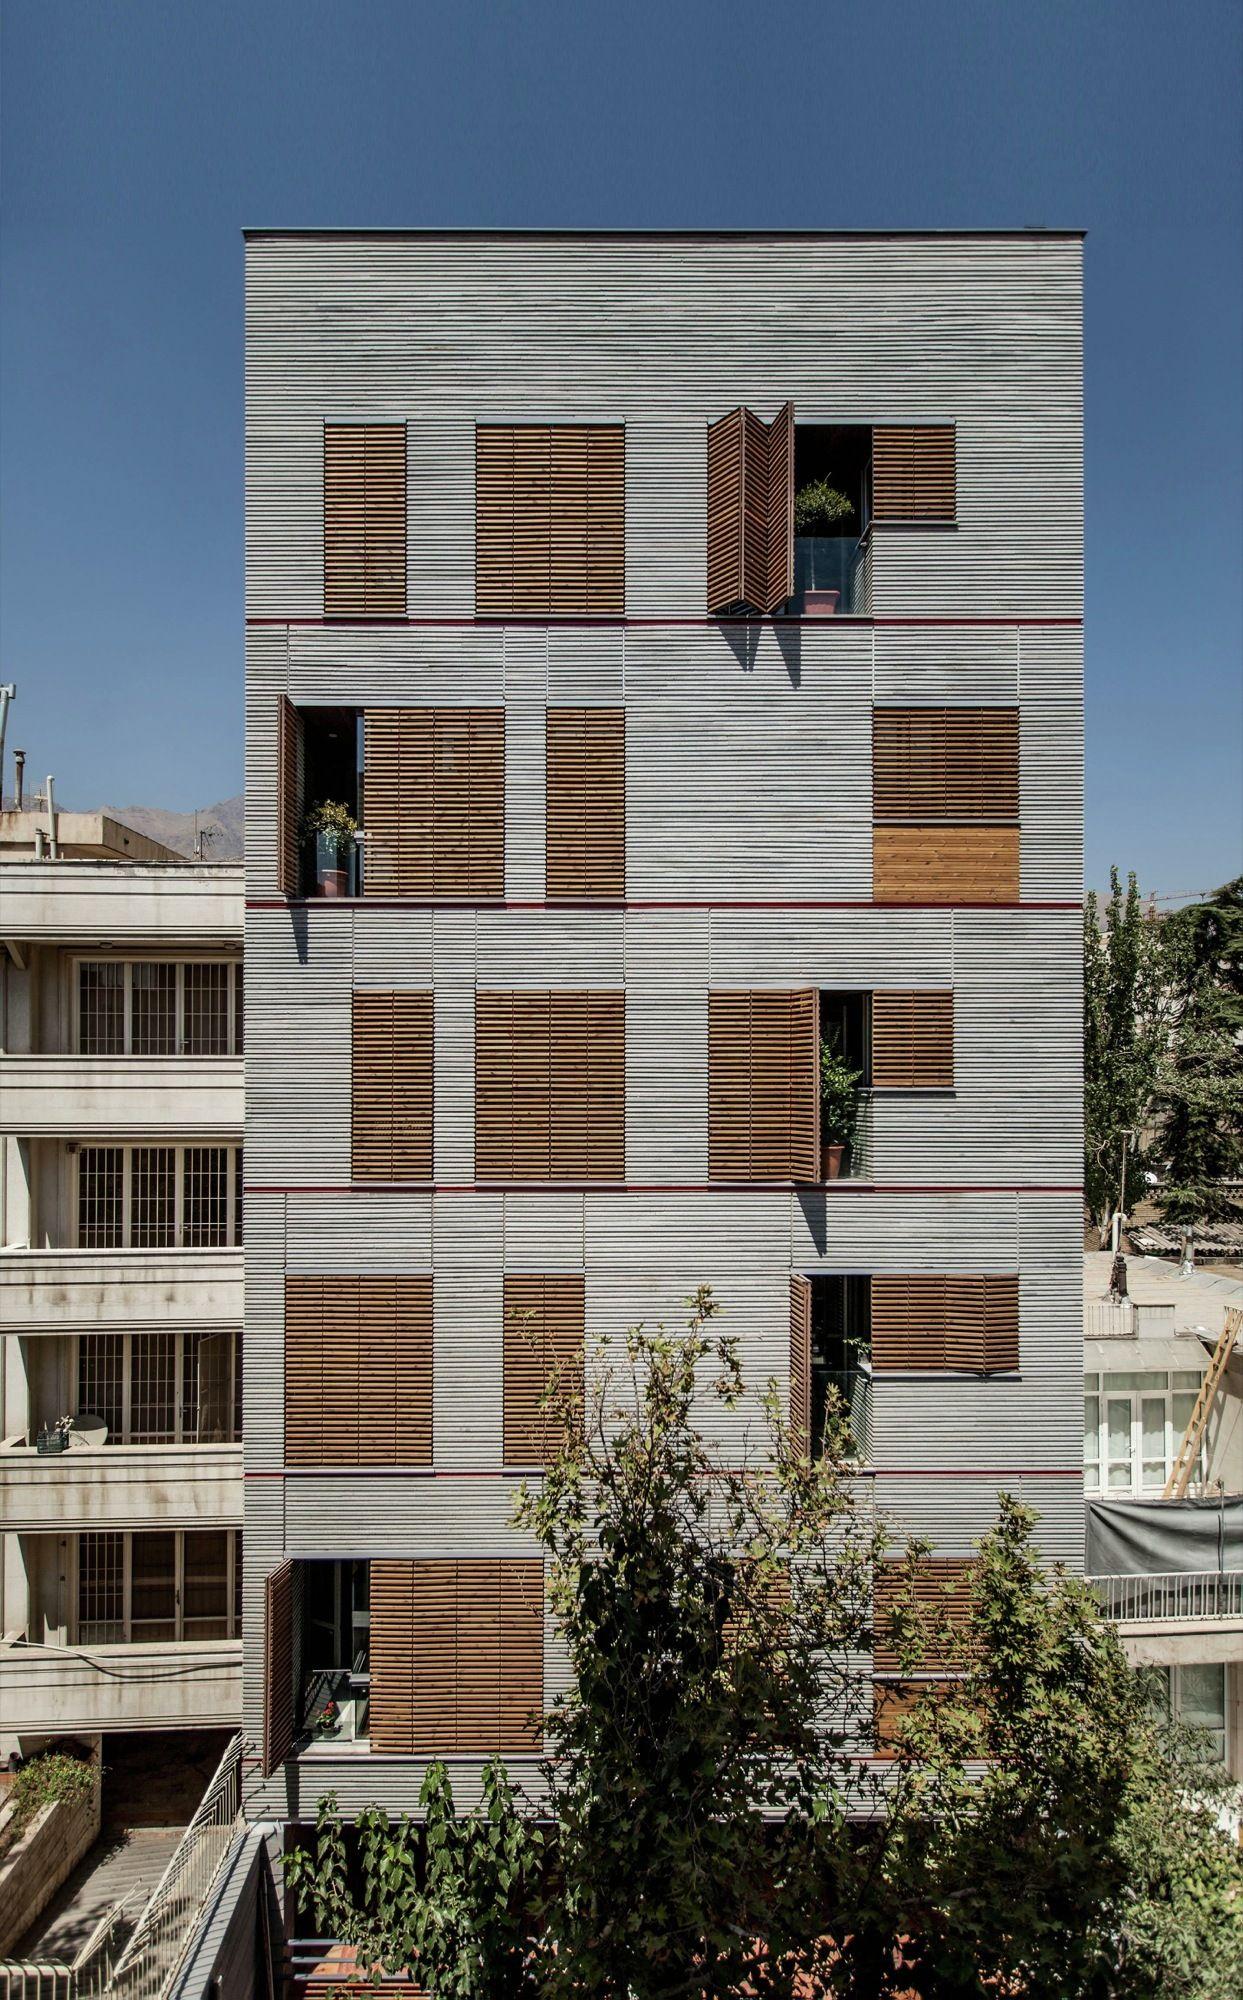 Construído na 2015 na Teerã, Irã. Imagens do Farshid Nasrabadi. O Edifício Residencial Andarzgoo foi construído em cinco unidades, cada uma com três dormitórios, em uma área de 215 metros quadrados. O térreo...